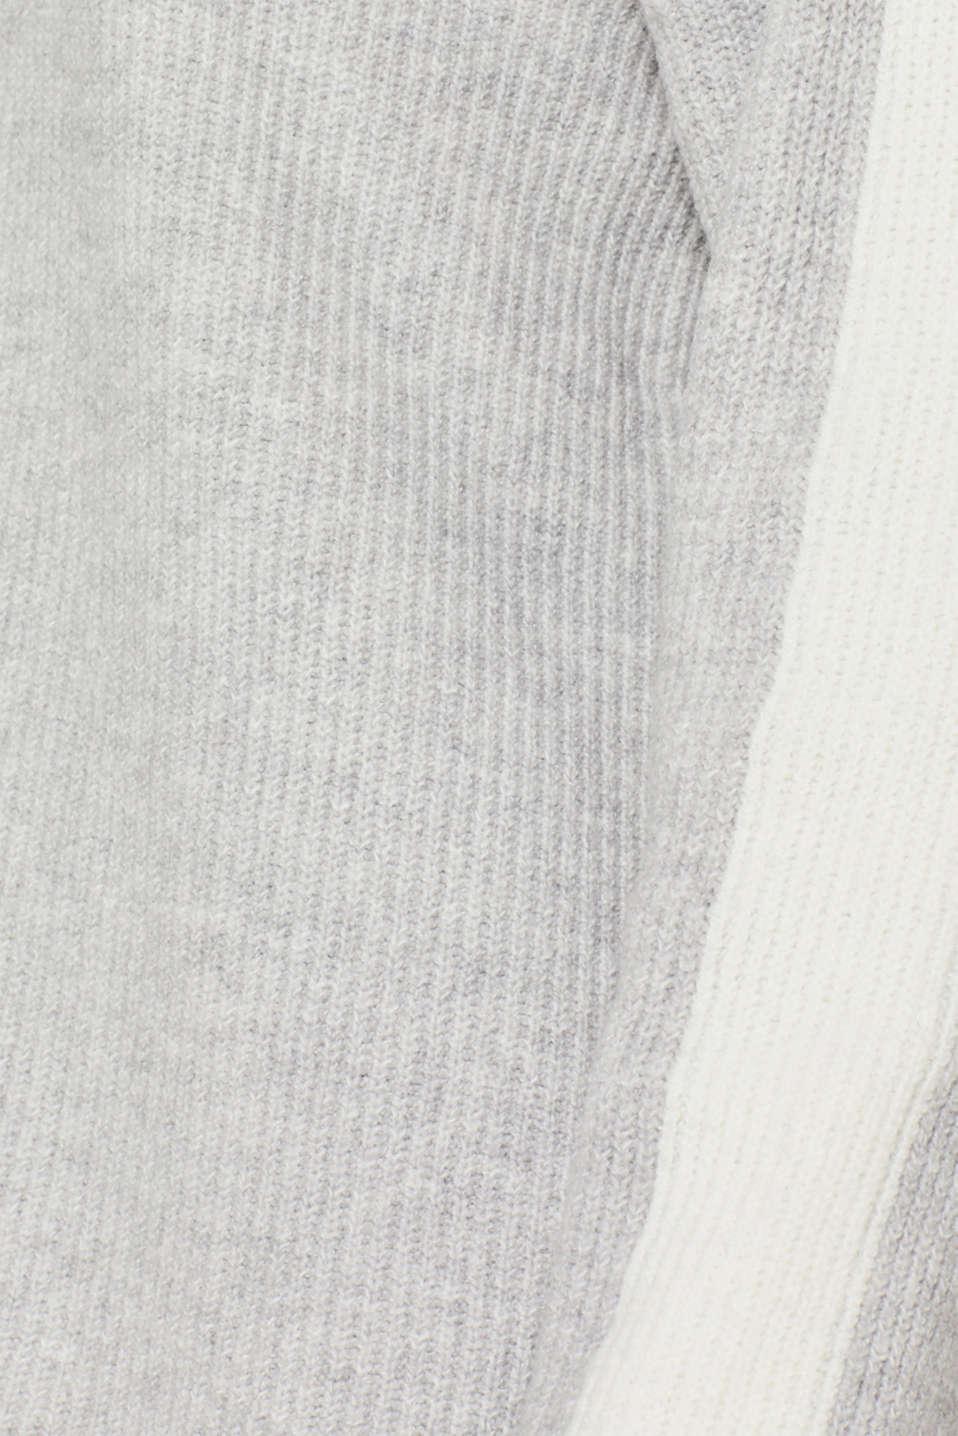 Turtleneck jumper with contrasts, LIGHT GREY 5, detail image number 4